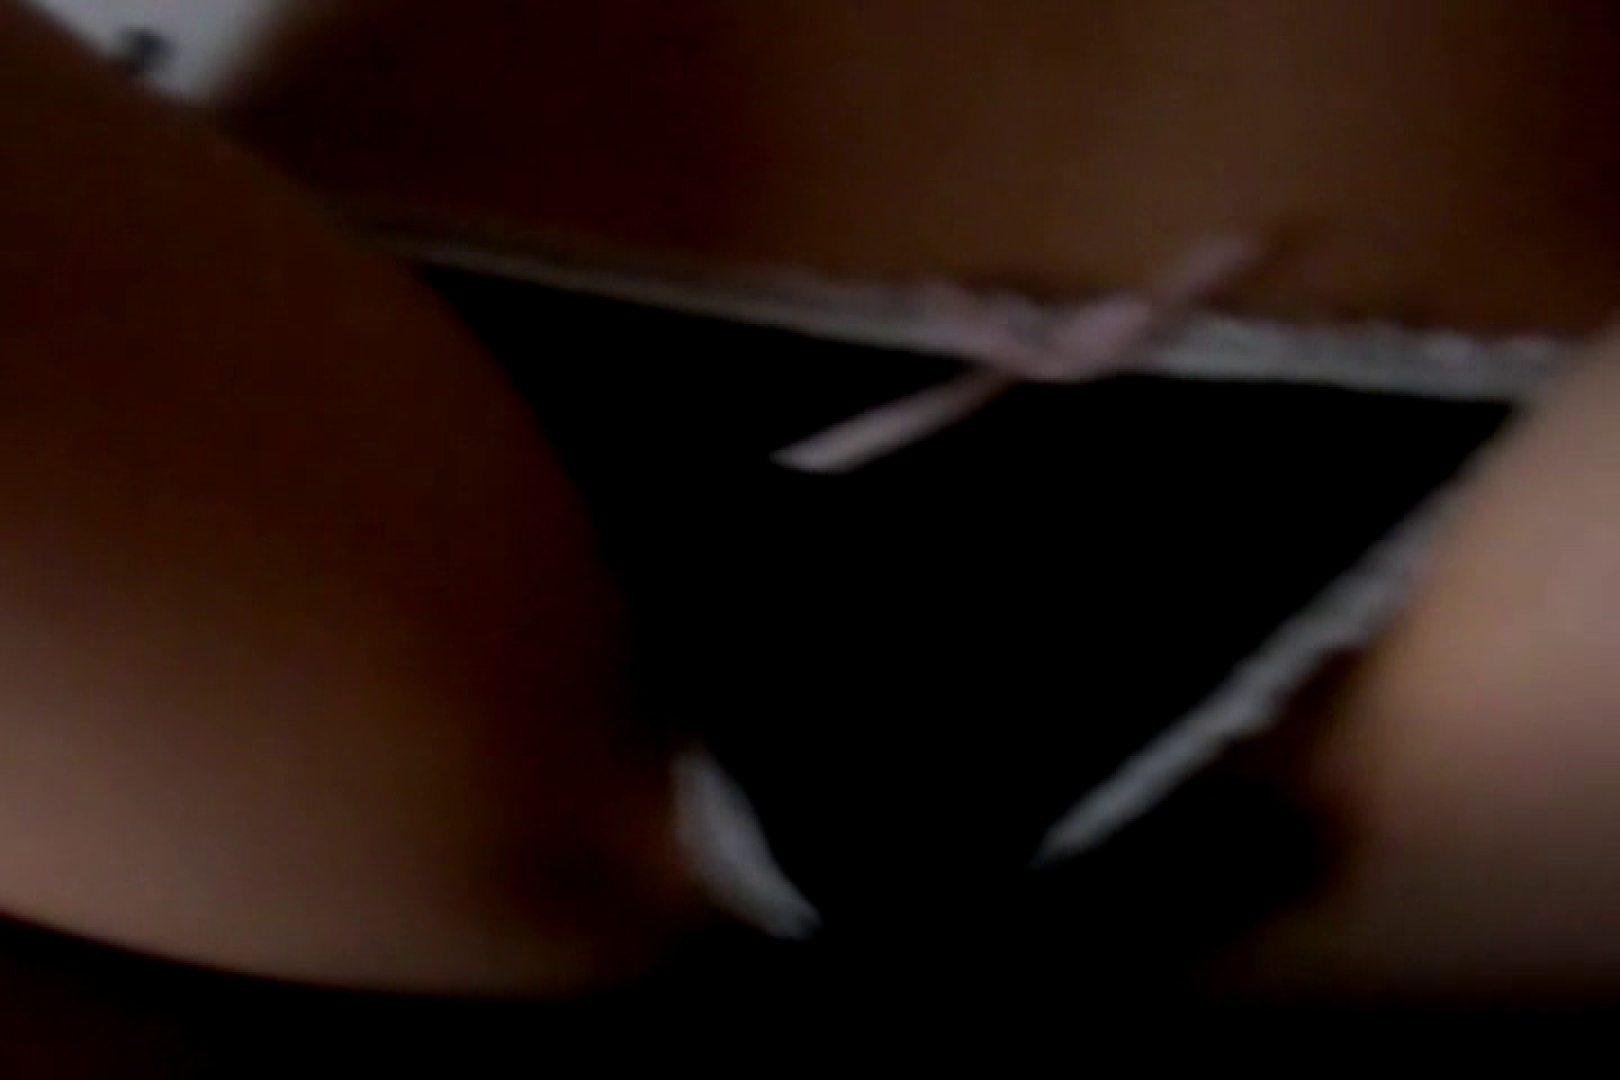 ウイルス流出 レオ&マンコのアルバム クンニ エロ画像 101連発 89